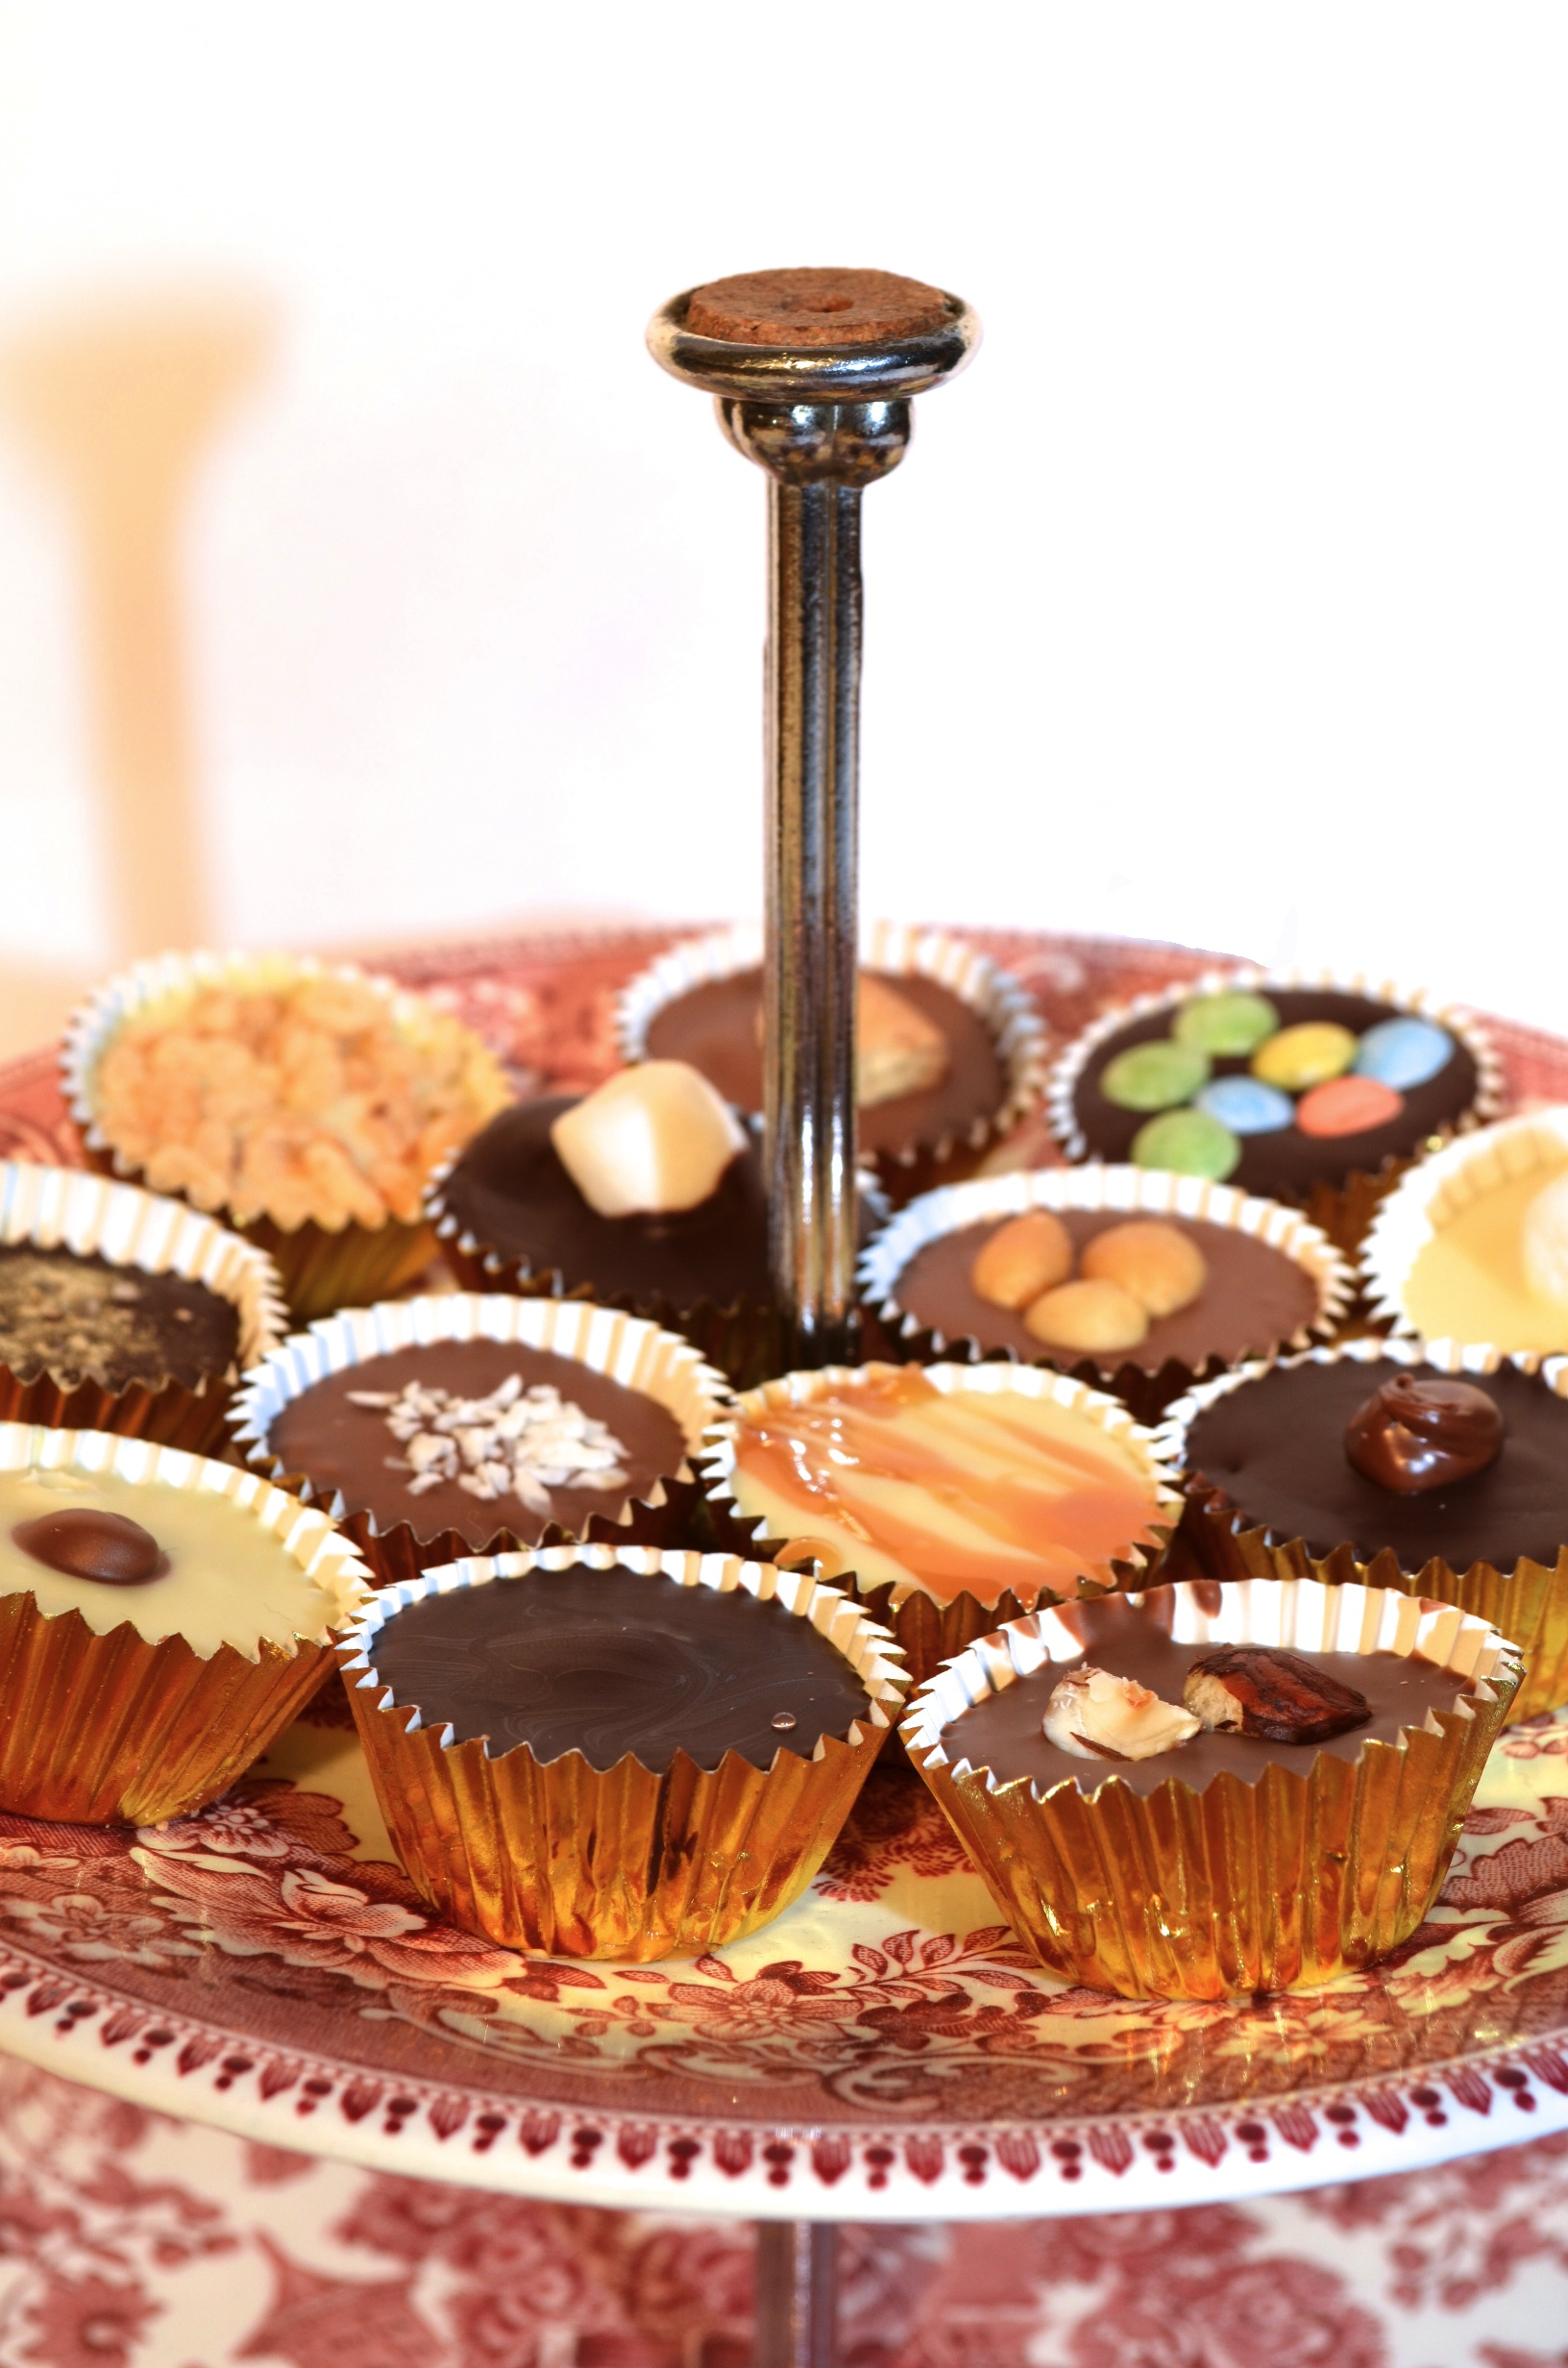 chokolade - redigeret